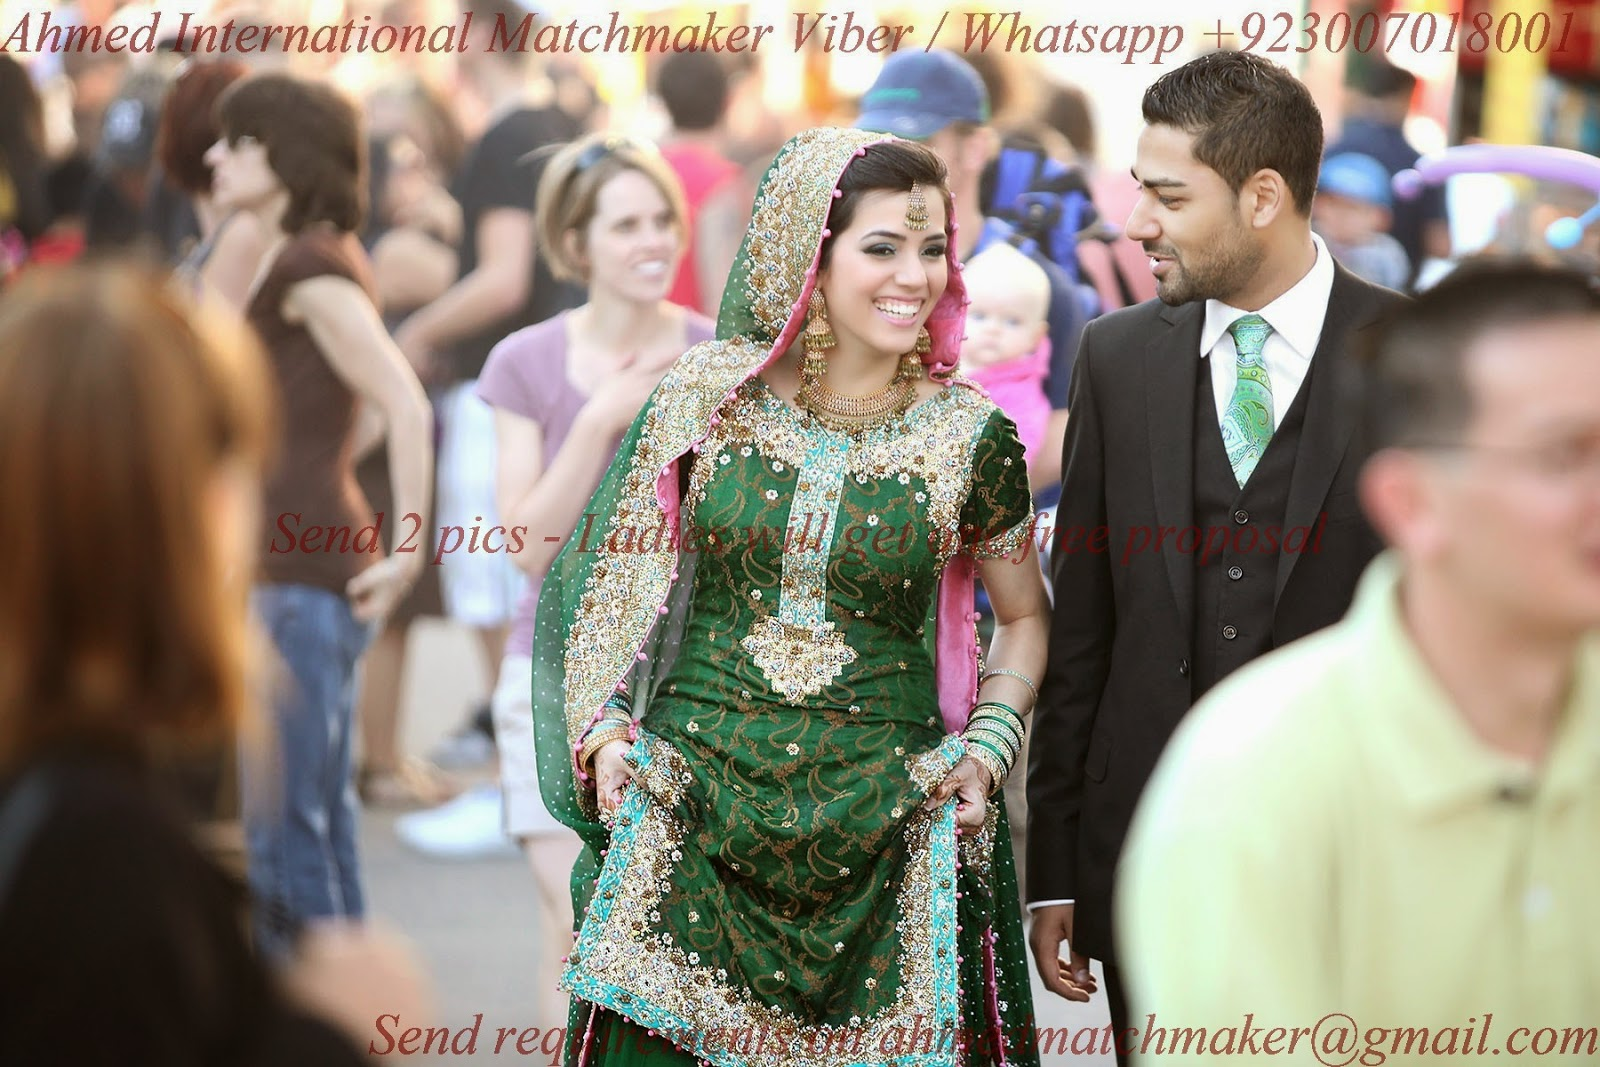 Matchmaking matrimonial